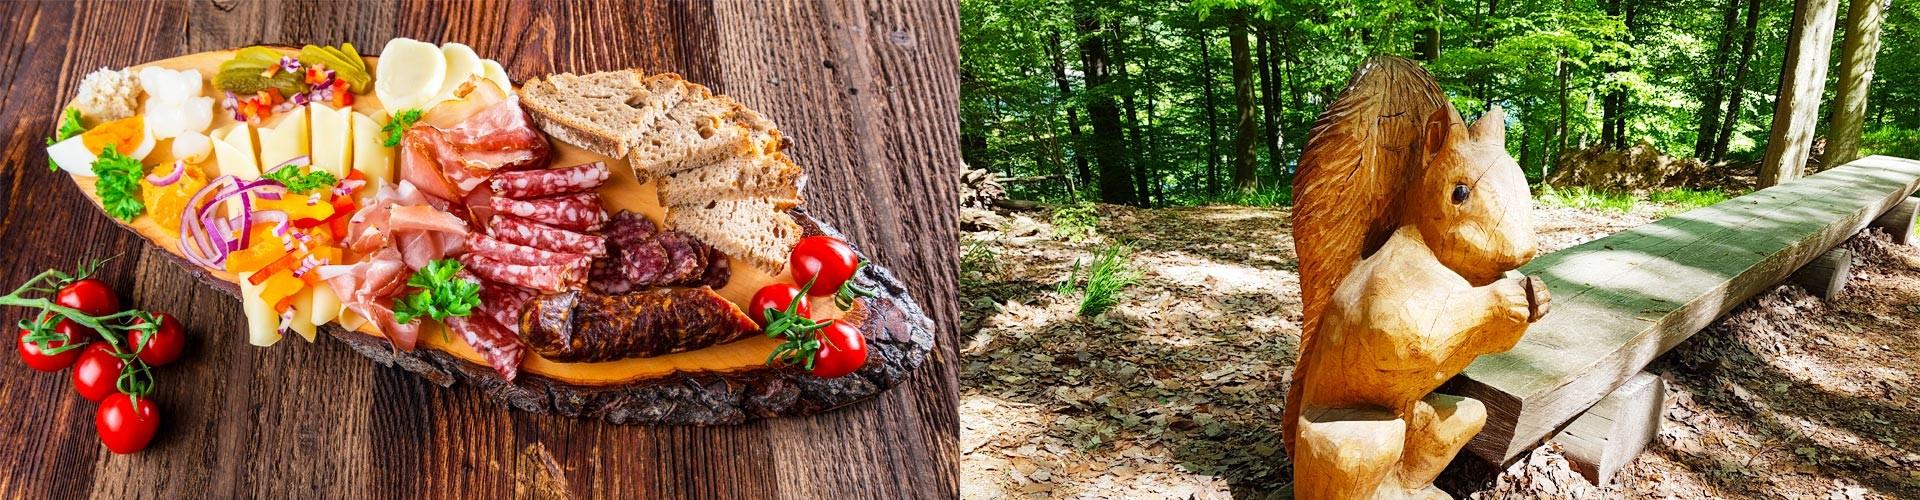 Brotzeit auf der Harbachalm - Märchenpfad in Bischofswiesen